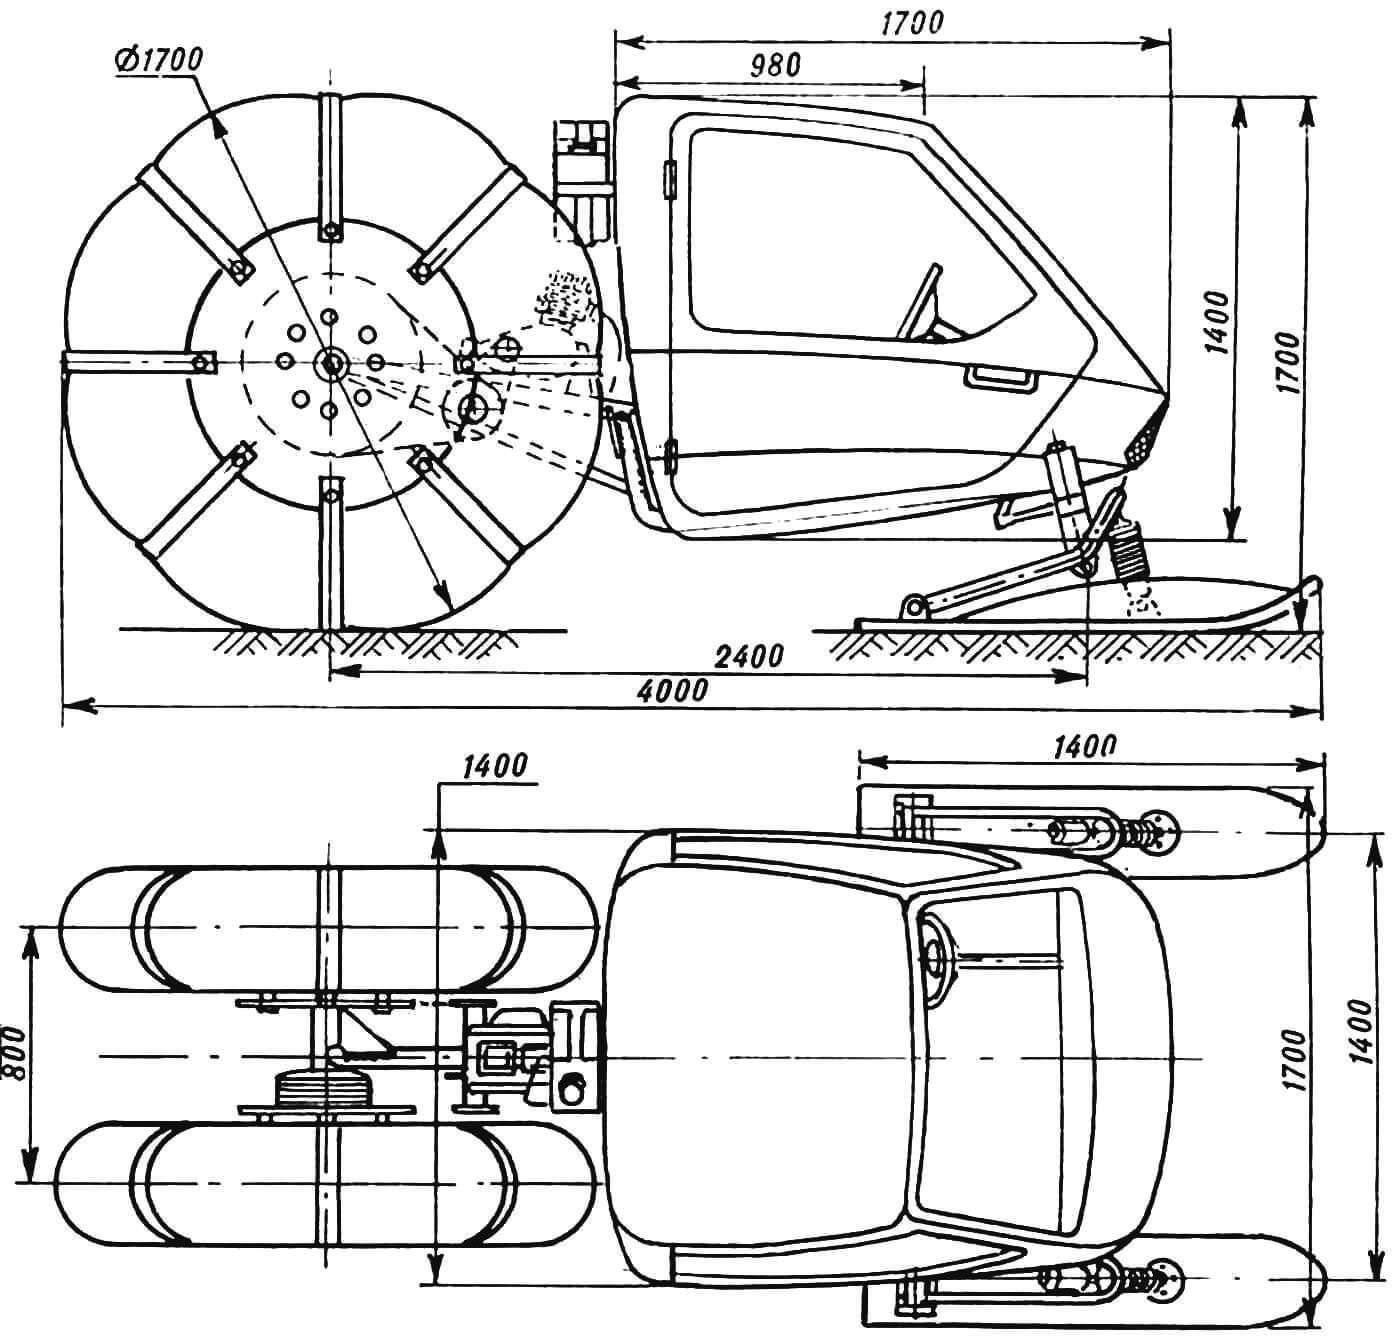 Рис. 1. Комбинированный колесно-лыжный снегоход «Челнок-Т200».